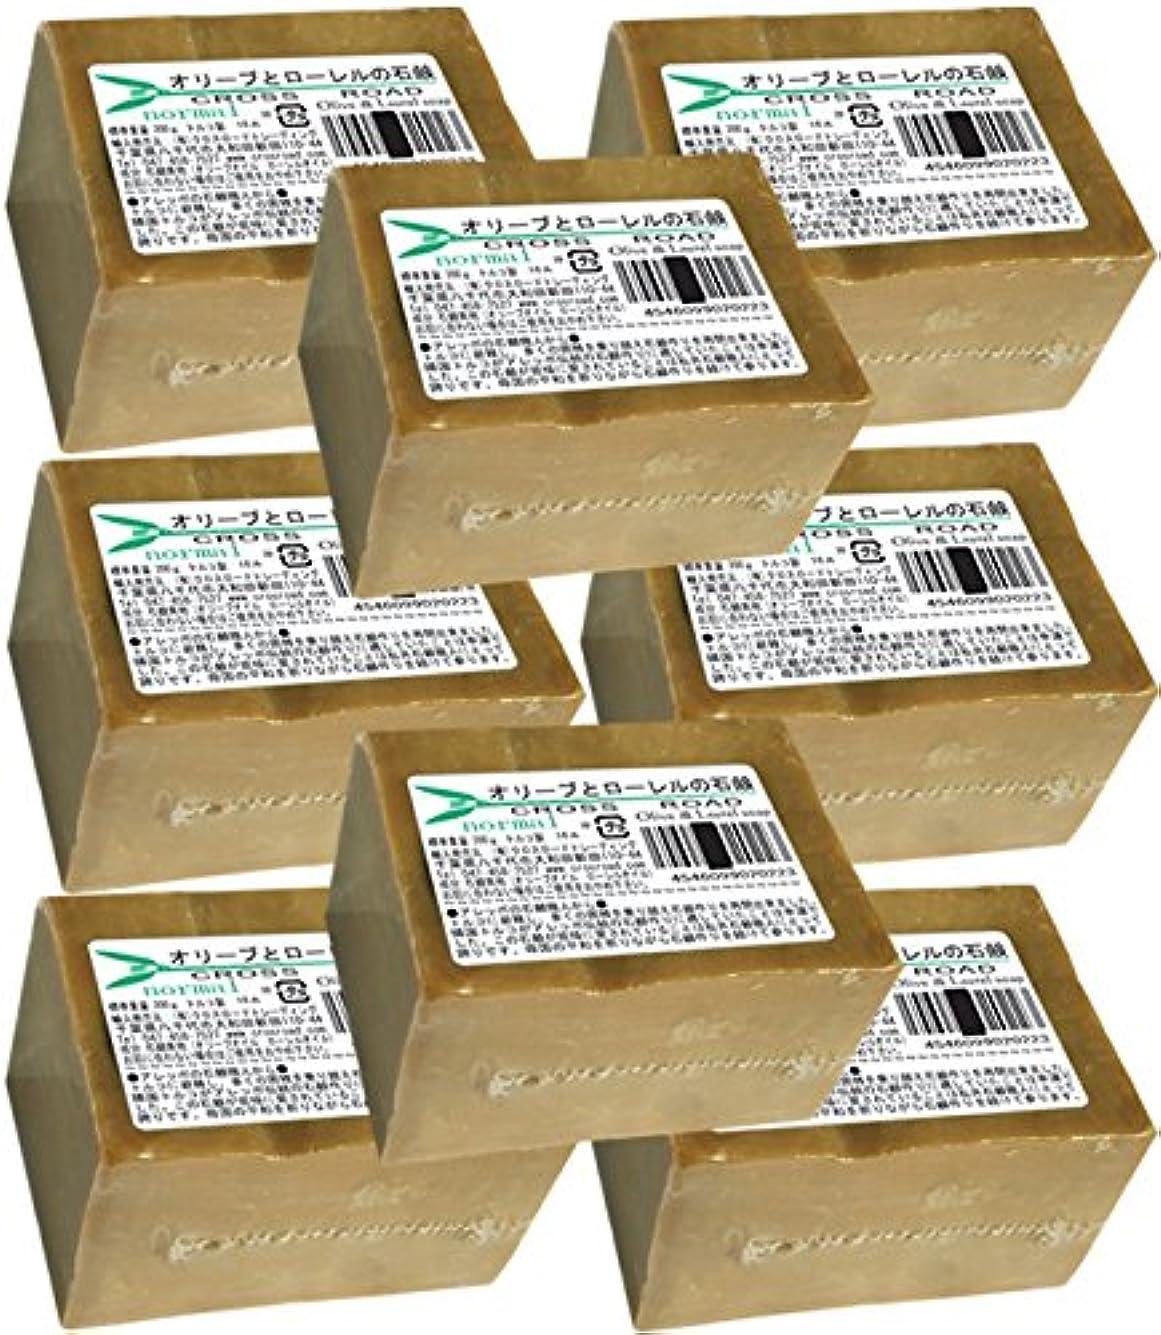 素人できる日付付きオリーブとローレルの石鹸(ノーマル)8個セット[並行輸入品]